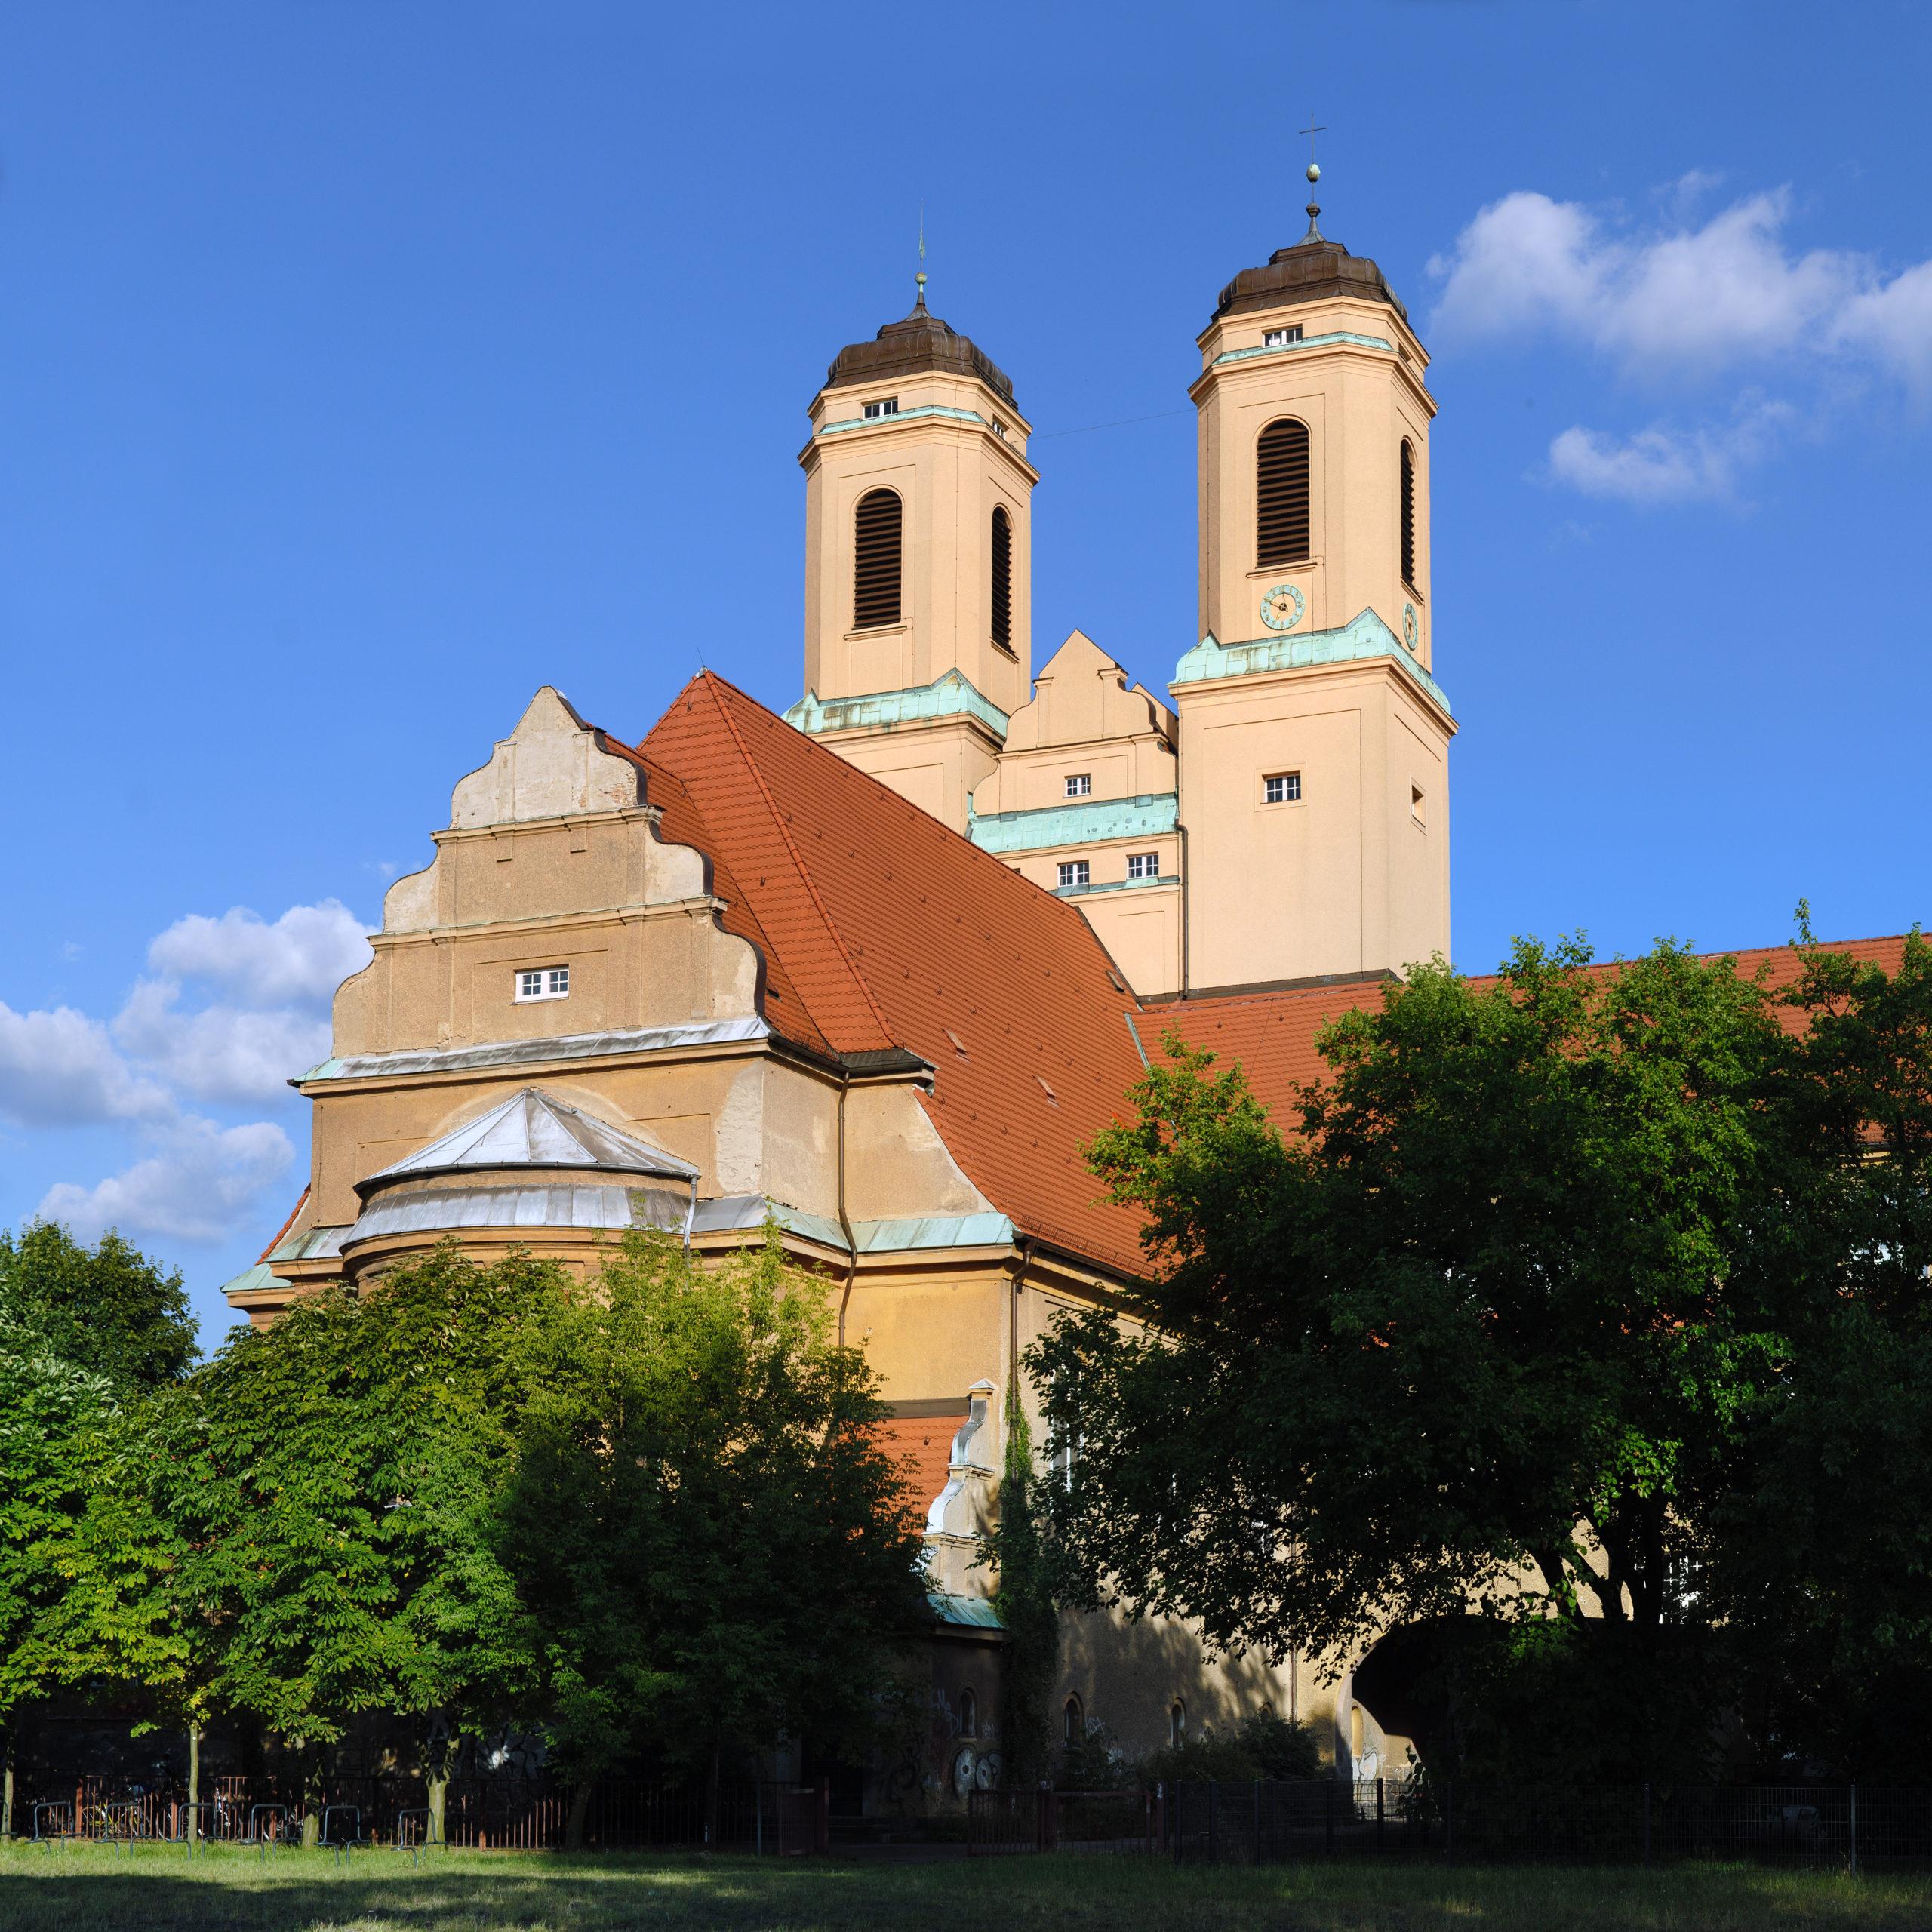 Jugendstil-Kirchen sind selten, aber es gibt sie – im Treptower Ortsteil Baumschulenweg zum Beispiel. Foto: André Karwath/Wikimedia Commons/CC BY-SA 2.5